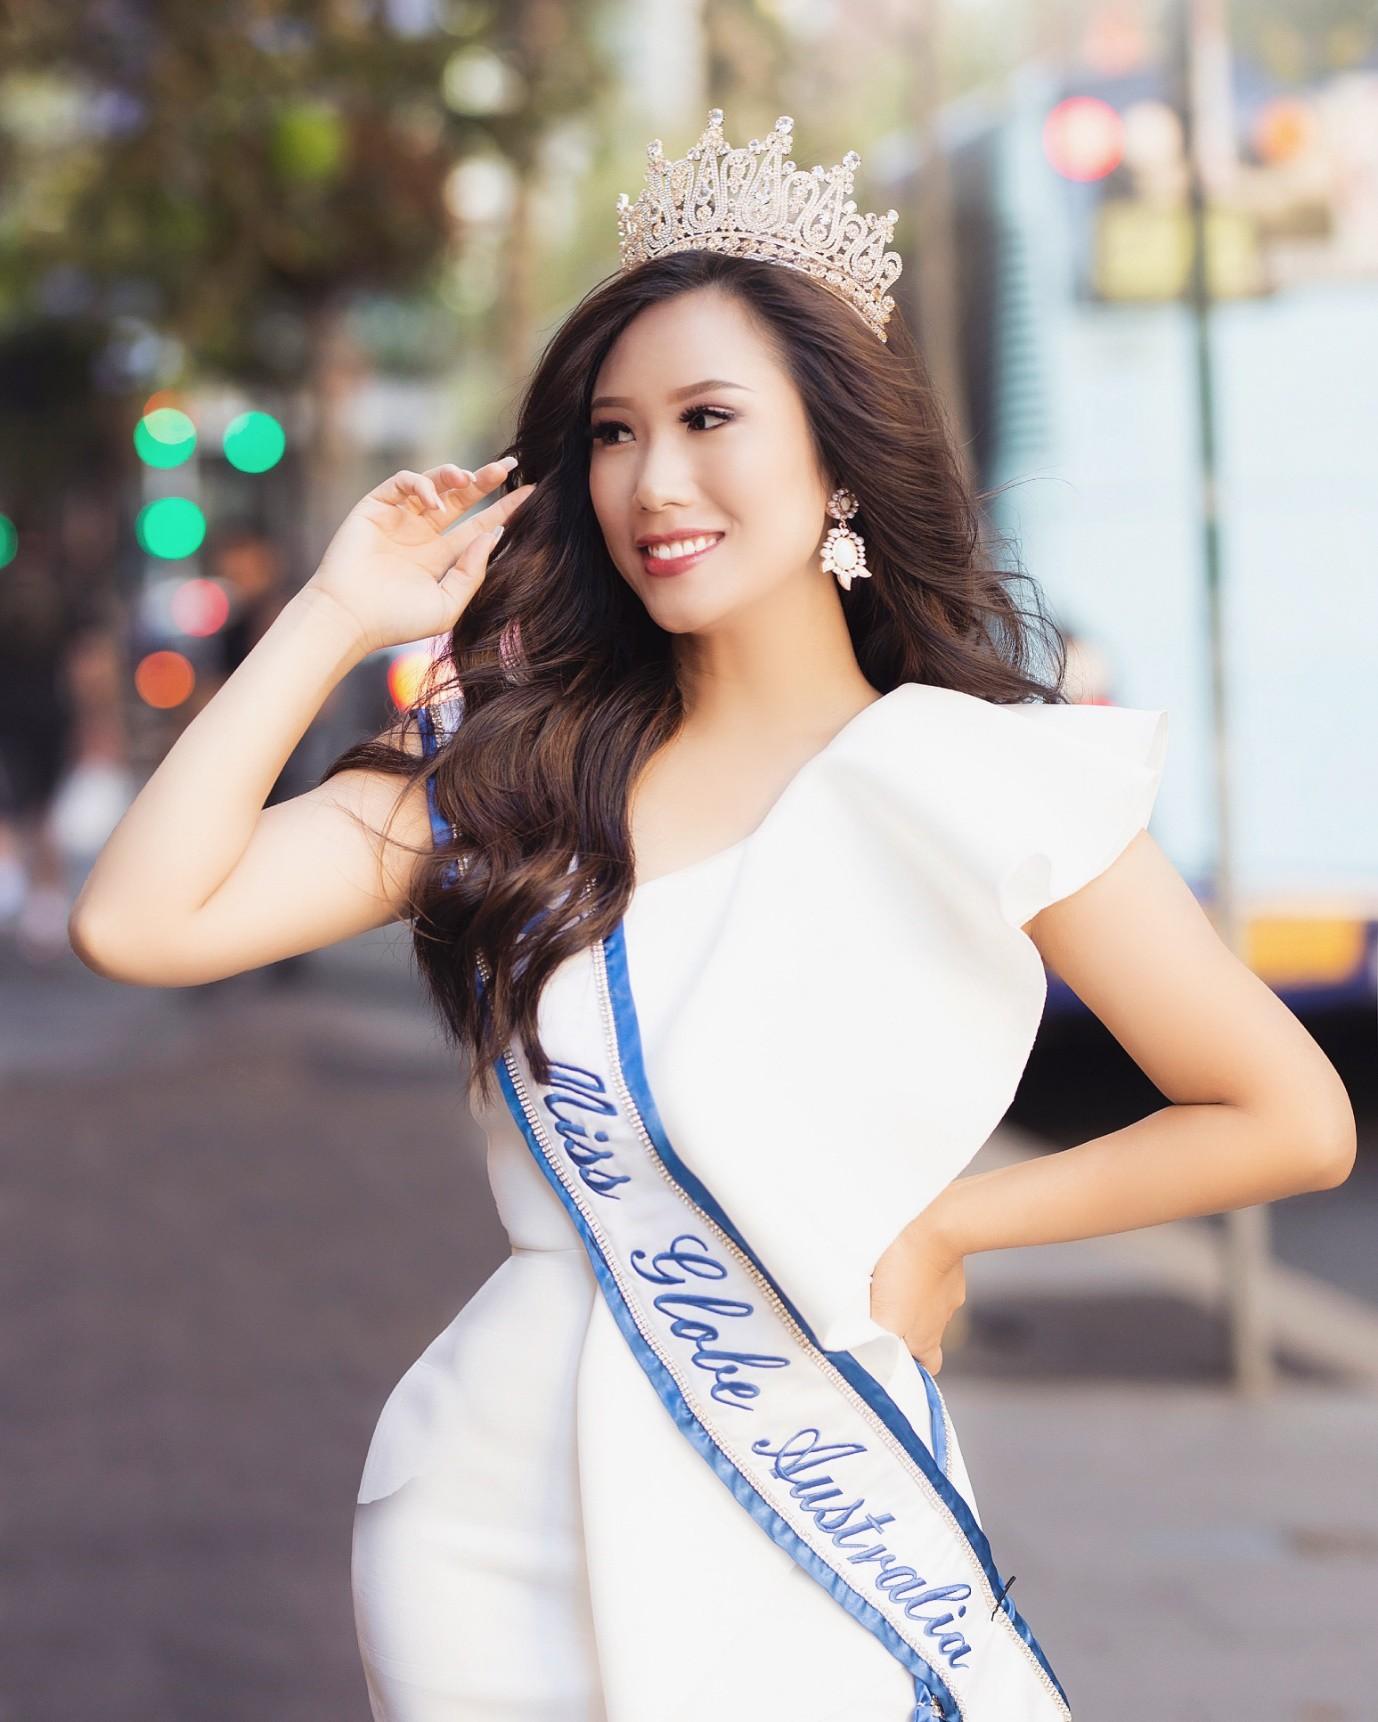 Từ quá khứ bị bắt nạt học đường đến vương miện hoa hậu của nữ sinh Việt trên đất Úc - Ảnh 3.